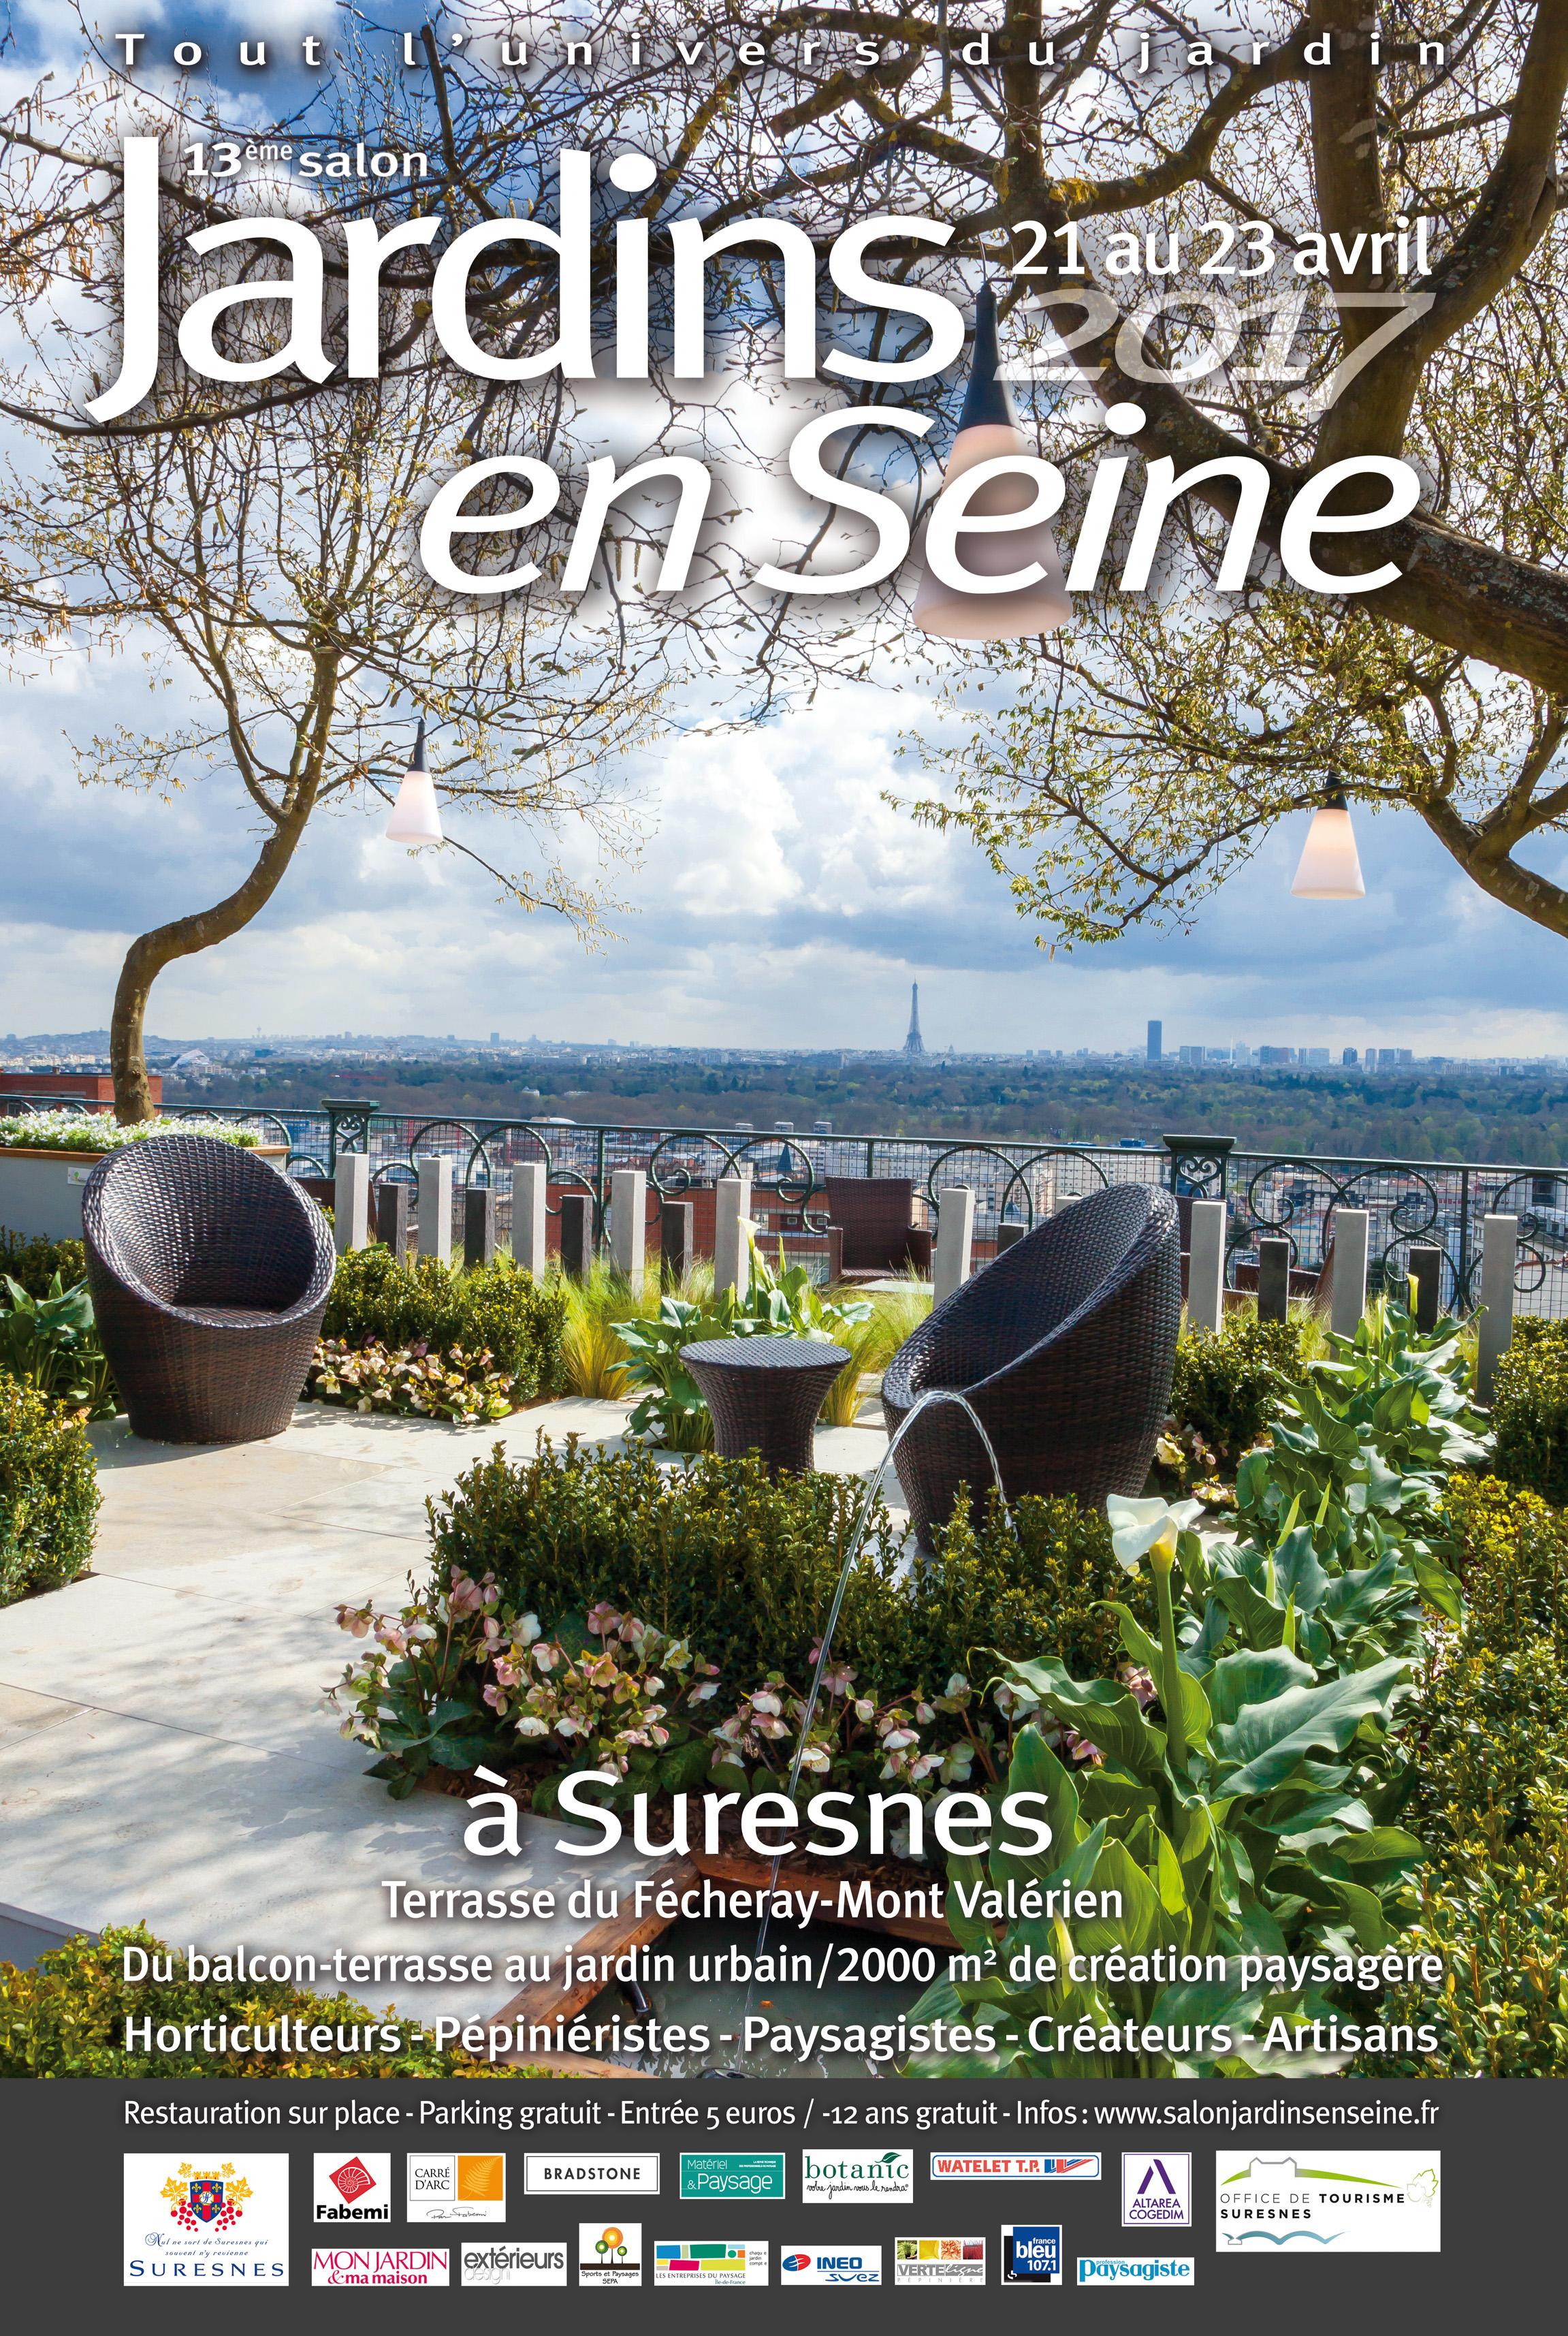 Jardins en Seine 2017 - Terrasses du Fécheray au pied du Mont-Valérien - SURESNES